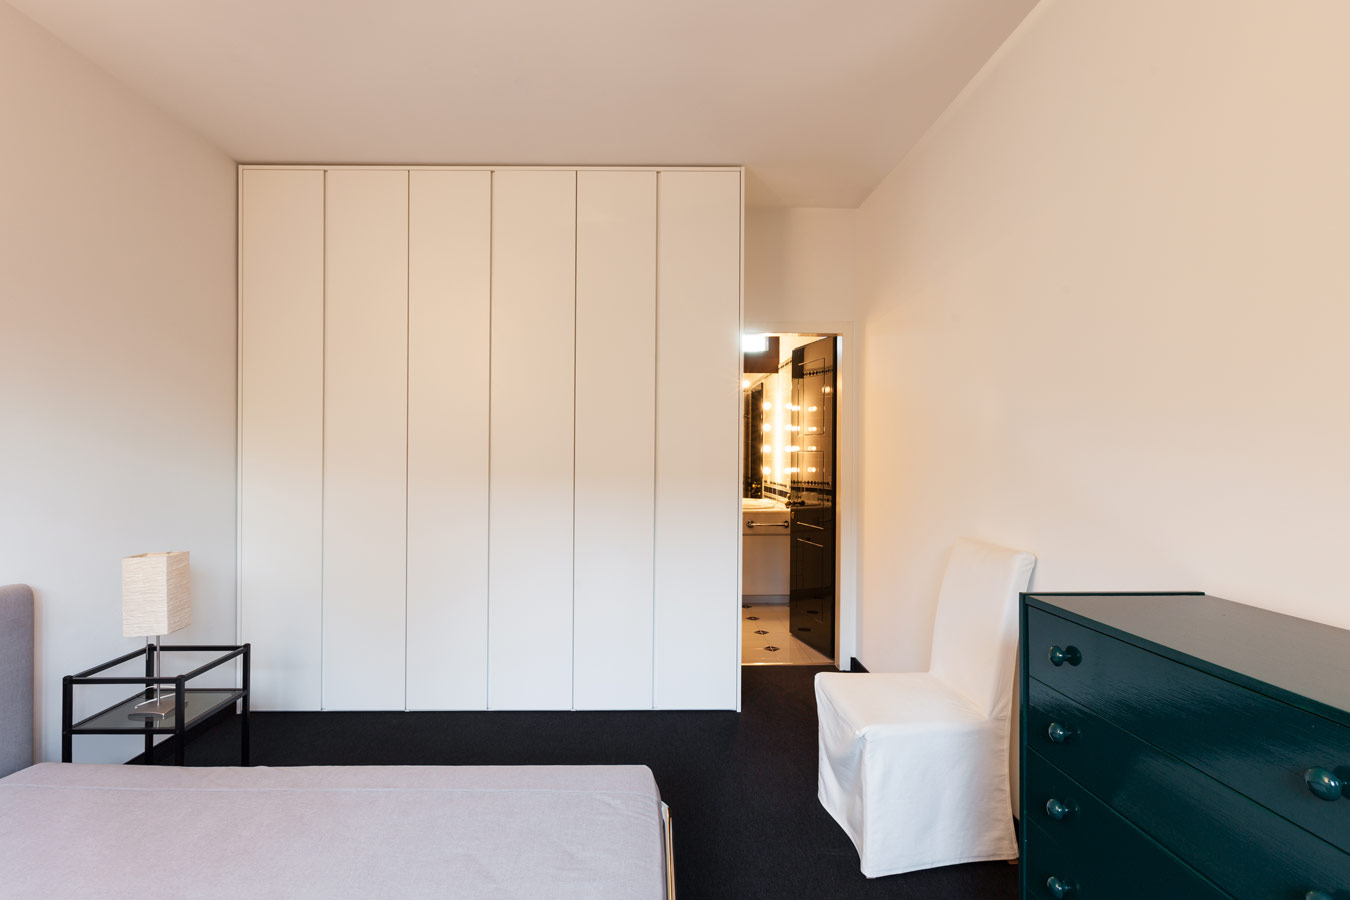 inbouwkasten op maat: inspiratie & tips voor de indeling, Deco ideeën